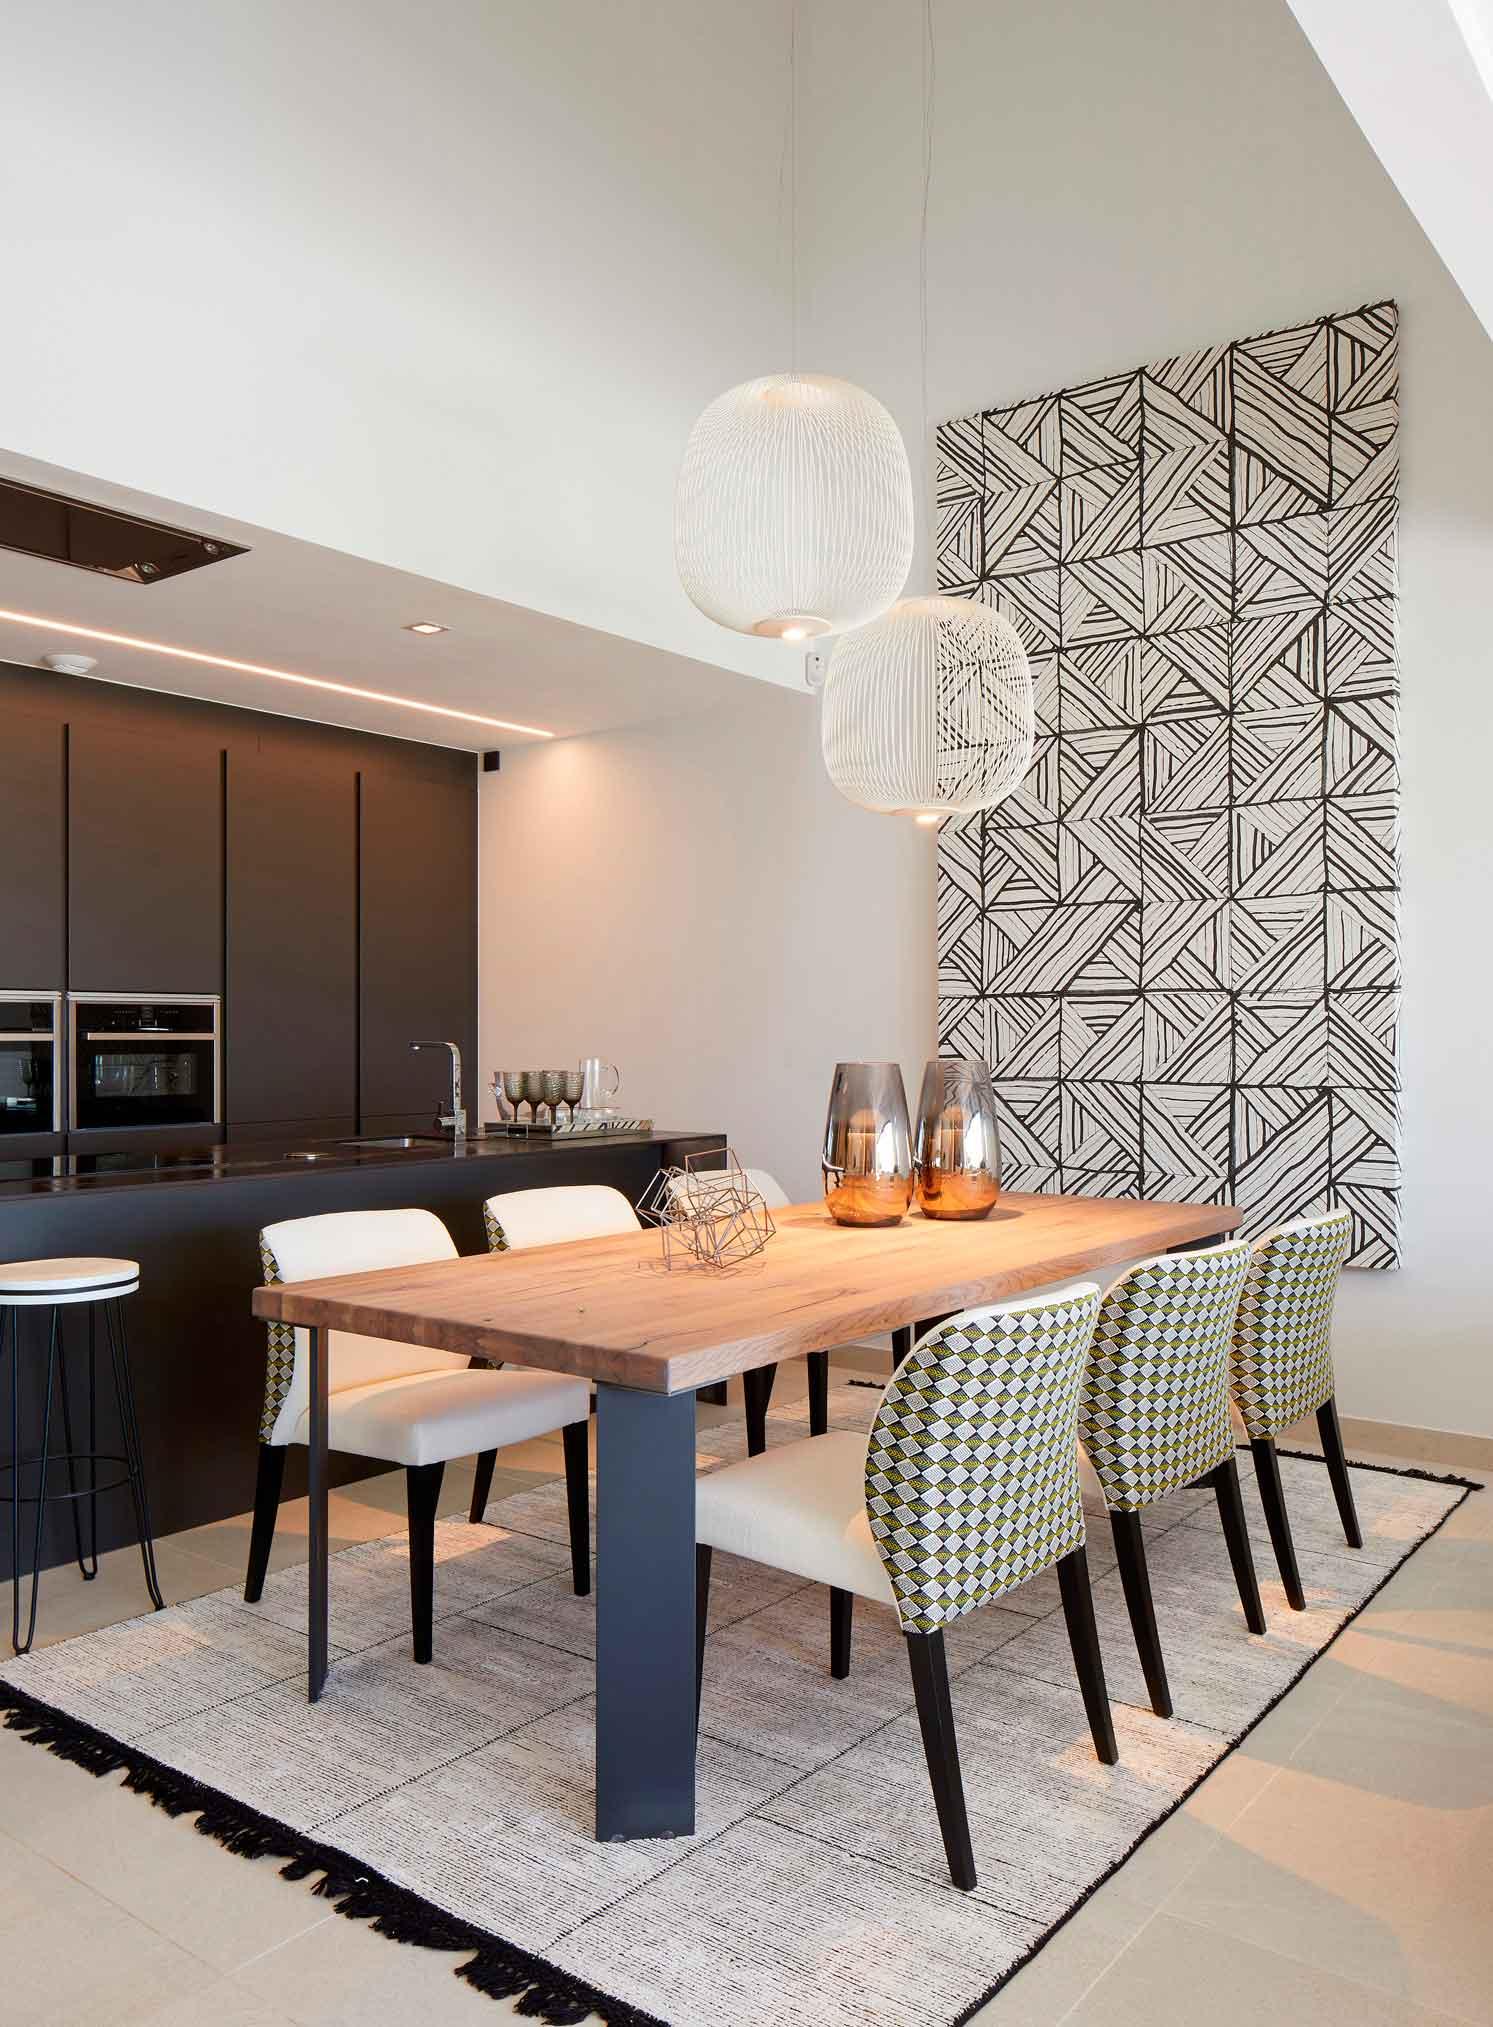 Mesa y Sillas de calidad en un diseño de interior excepcional